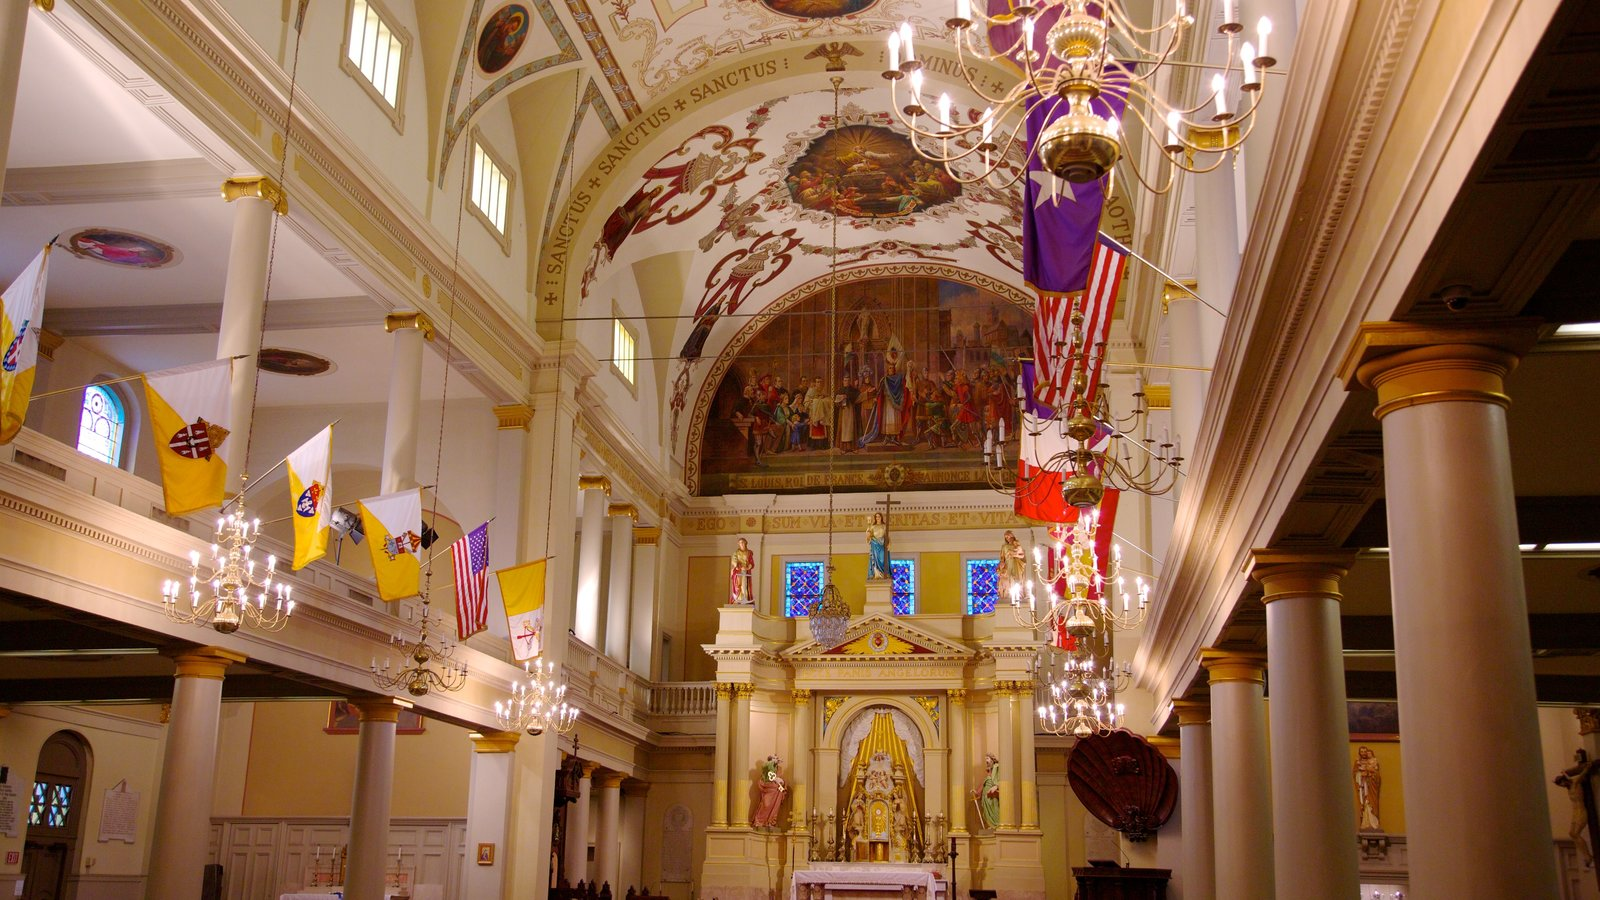 Saint Louis Cathedral que inclui vistas internas, uma igreja ou catedral e aspectos religiosos